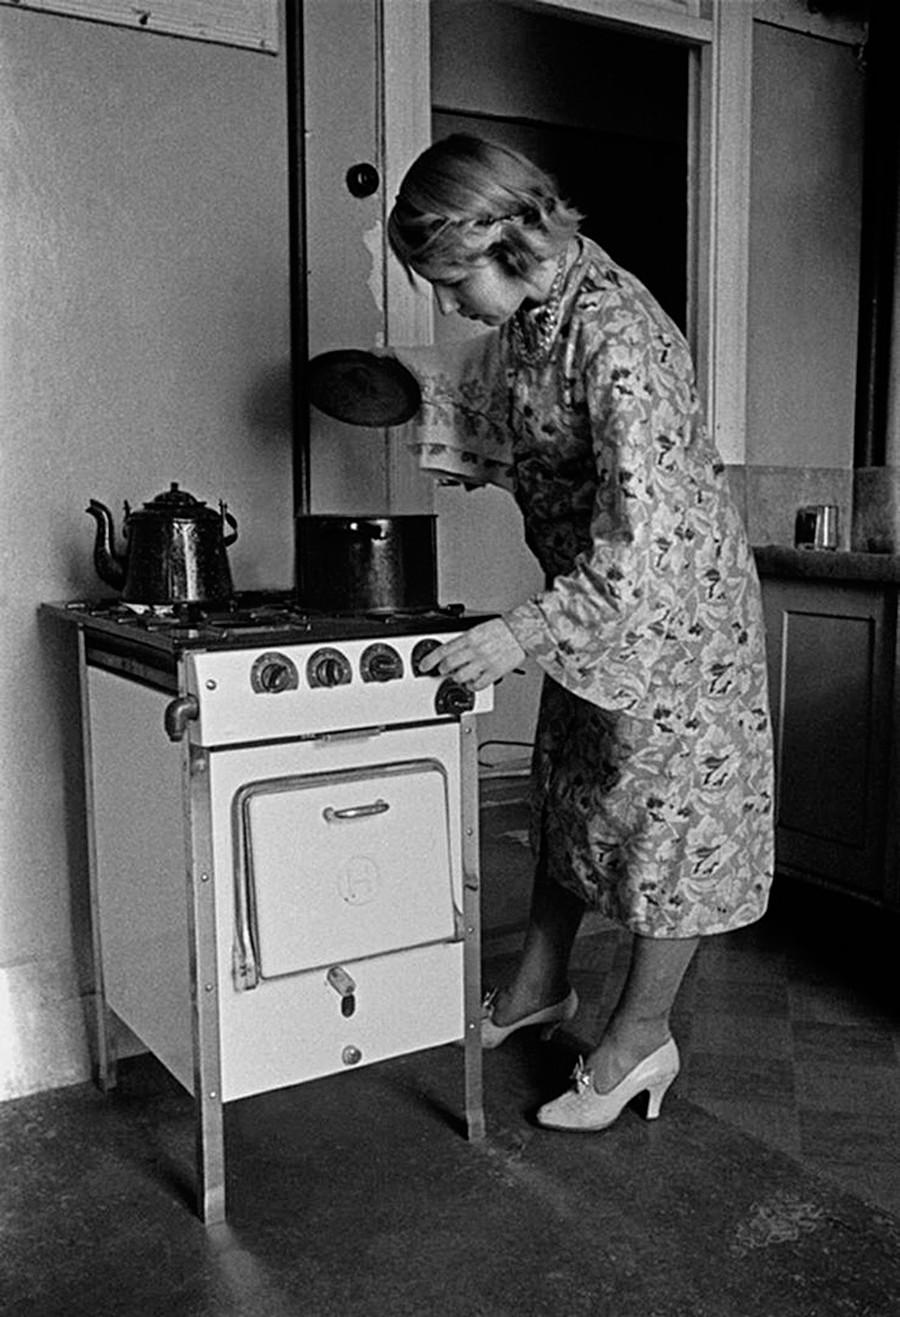 Seorang perempuan di dapur.